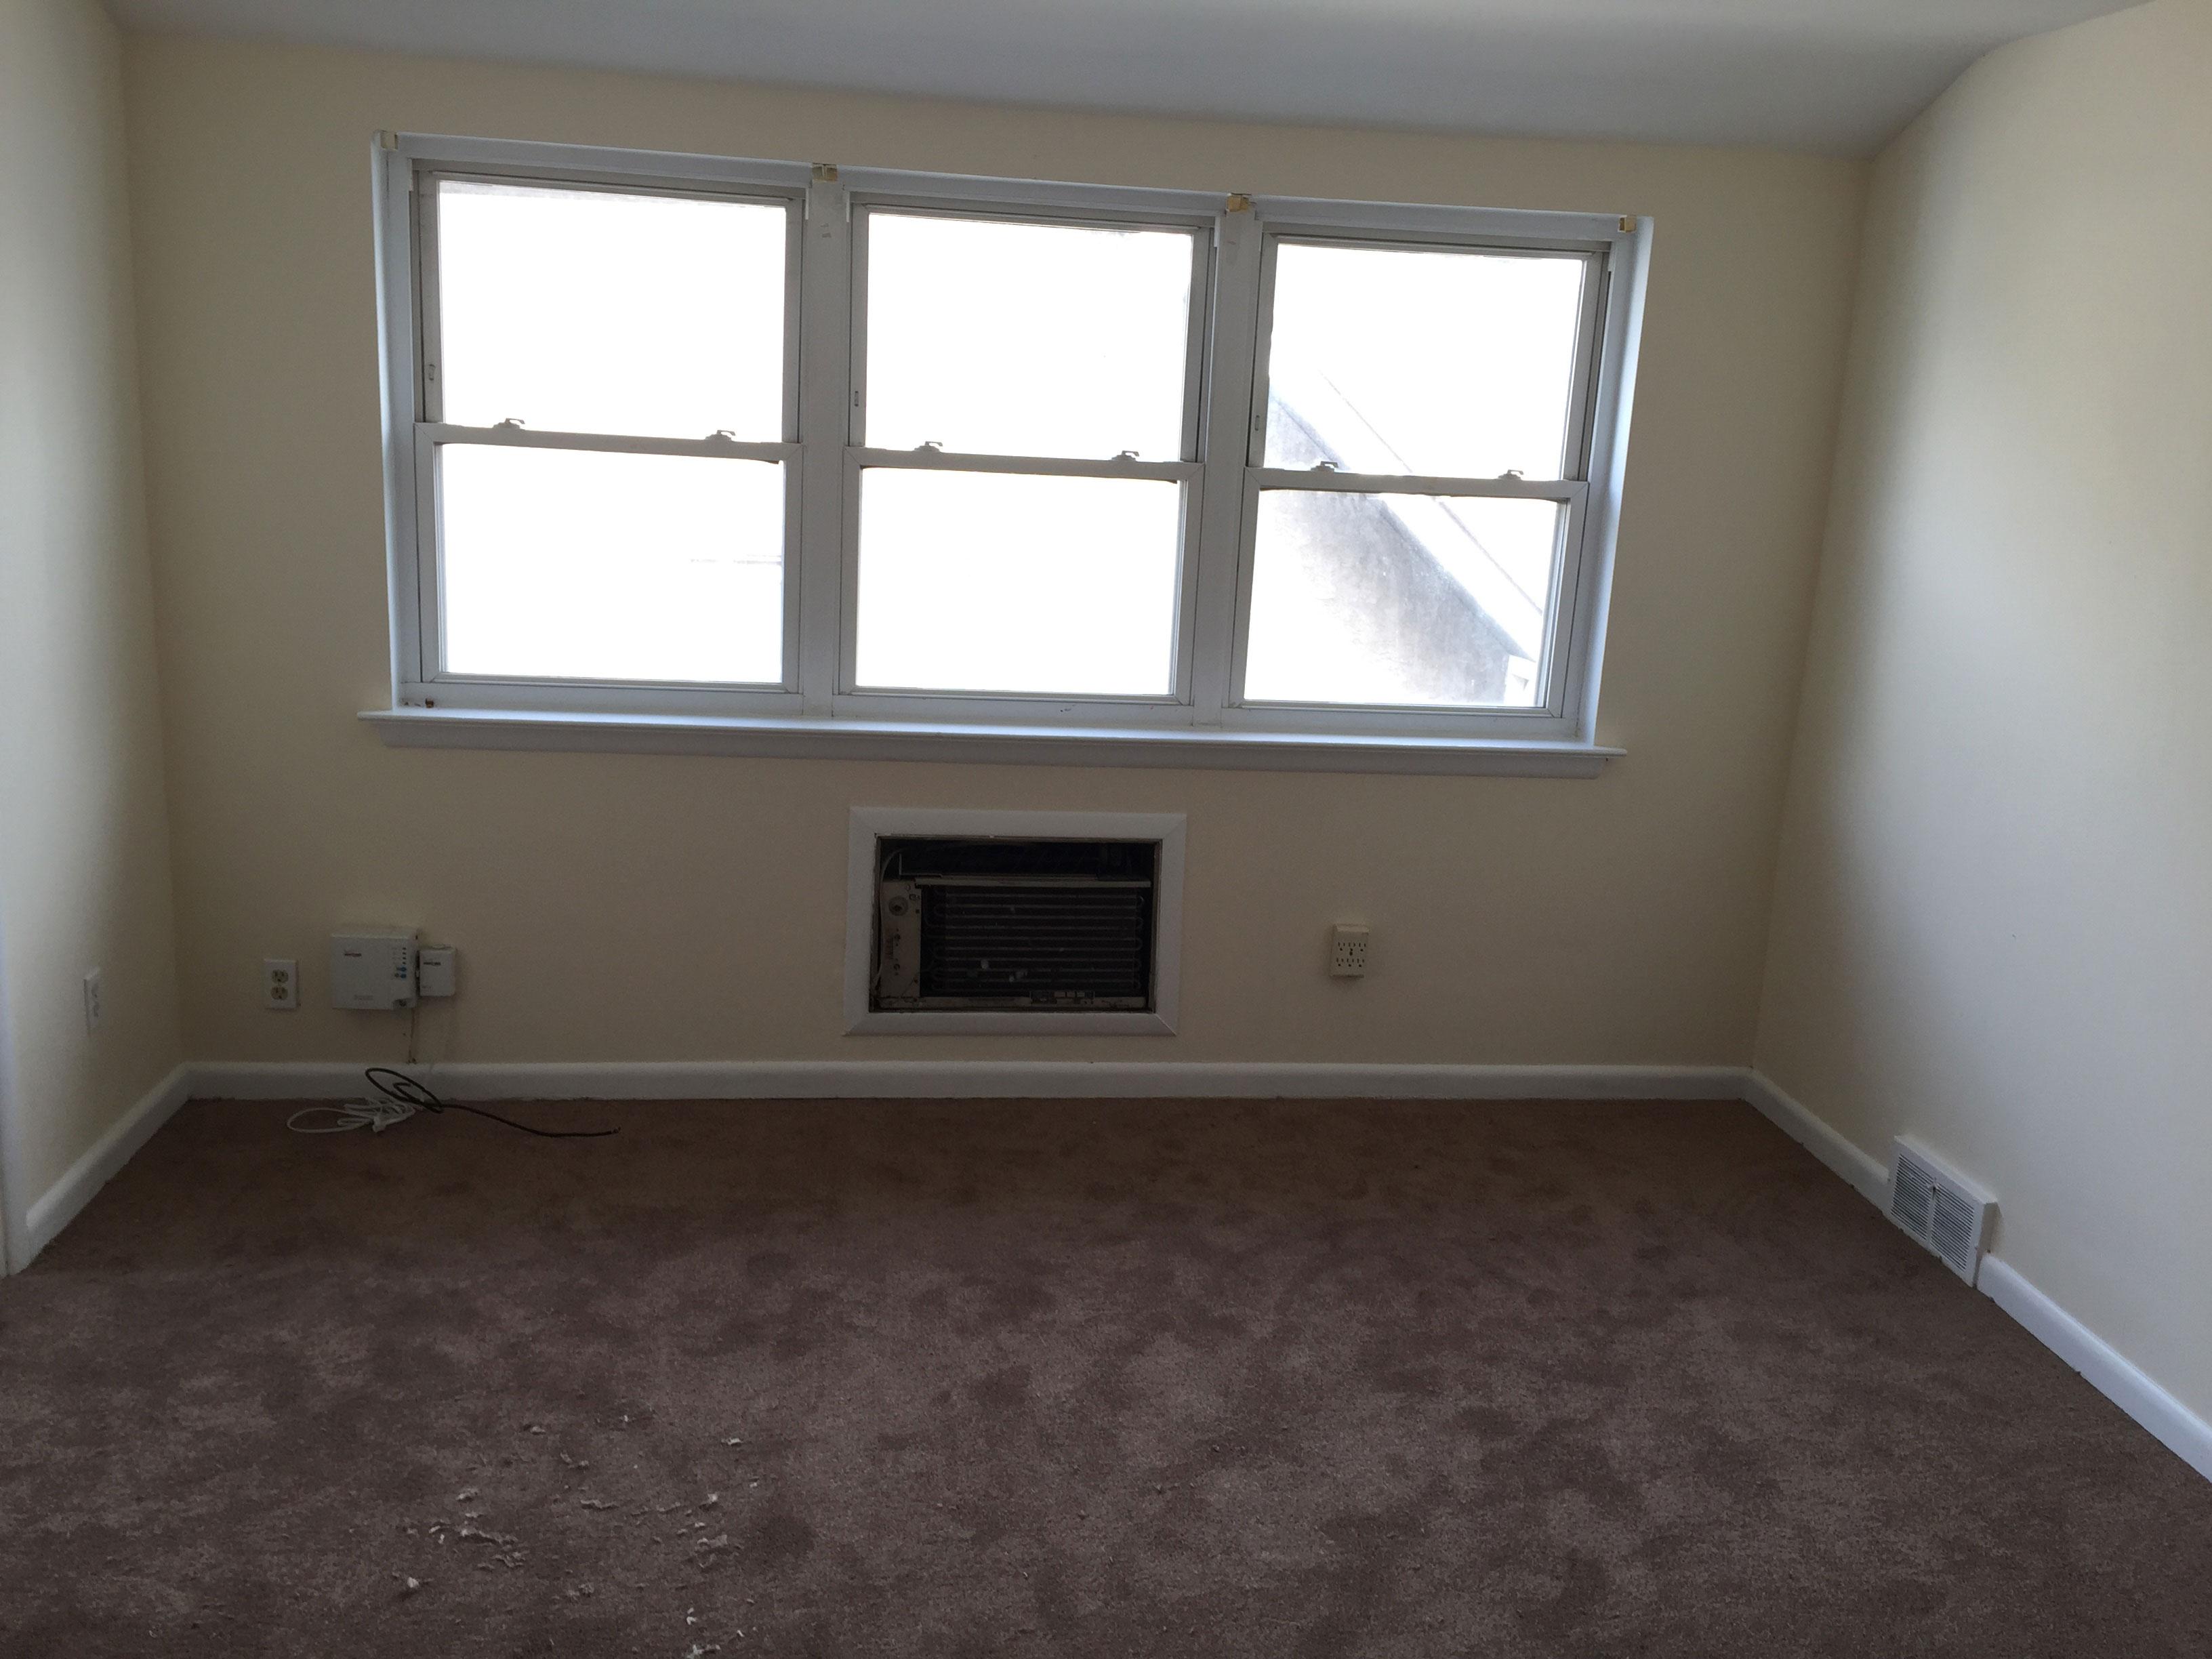 237 Ardmore interior bedroom